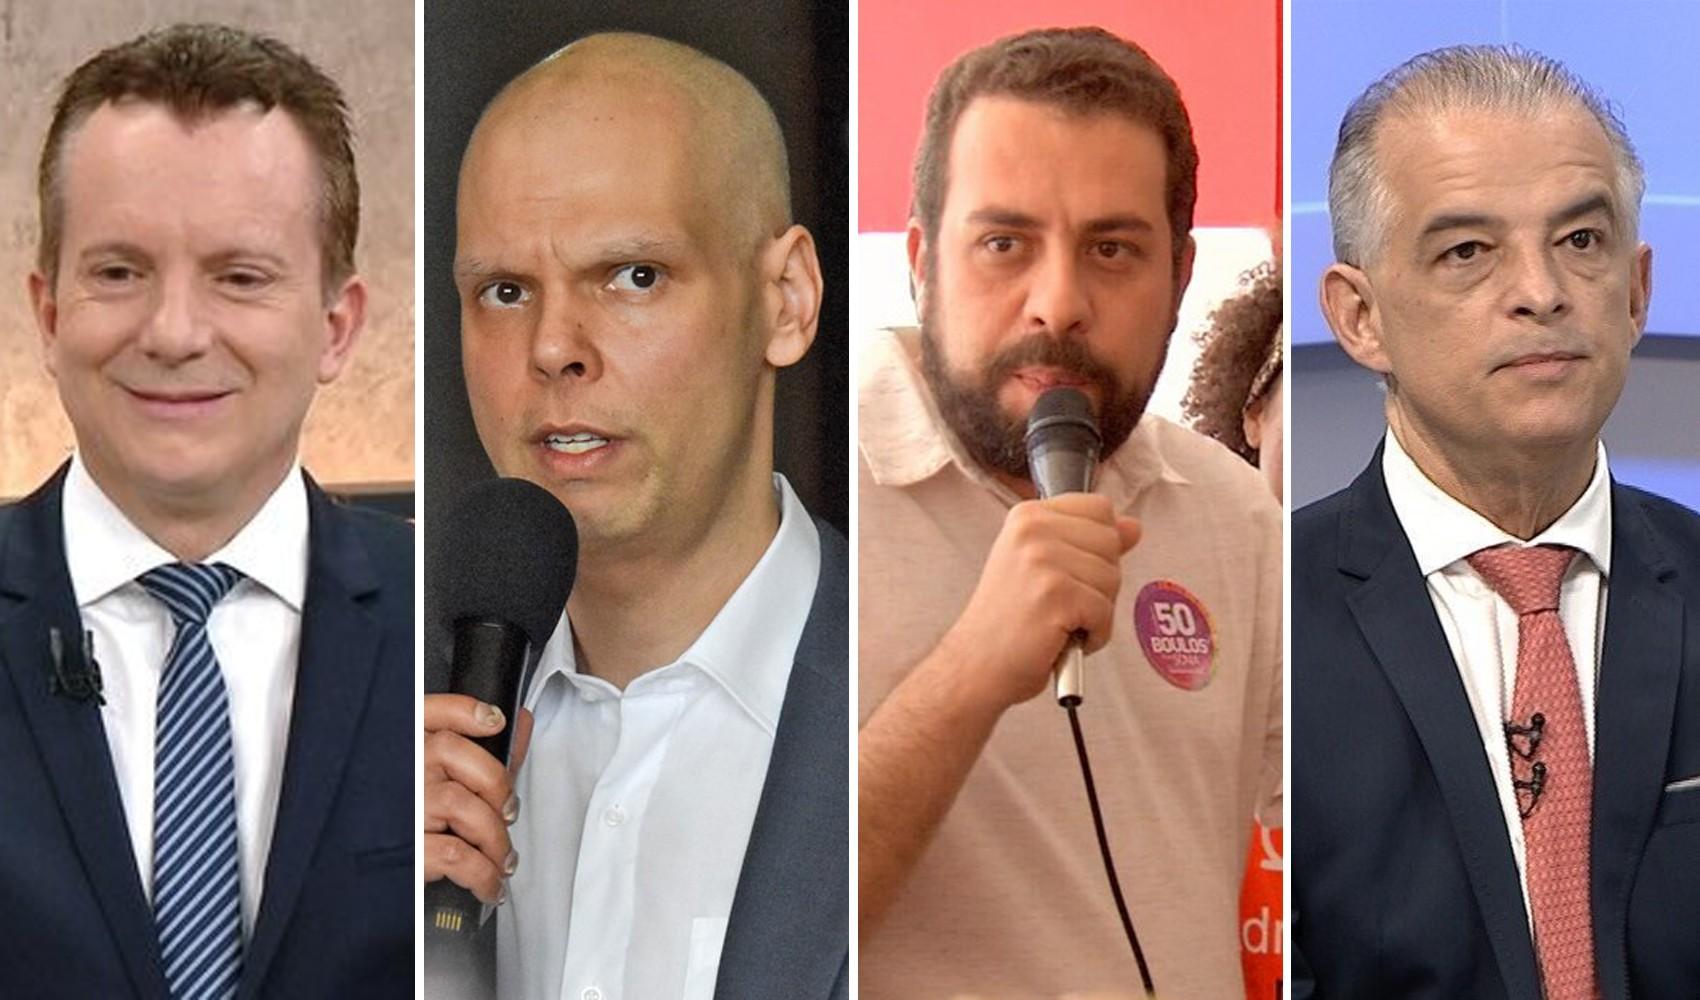 Eleições 2020: candidatos a prefeito de São Paulo fazem carreata, adesivaço e caminhada neste sábado